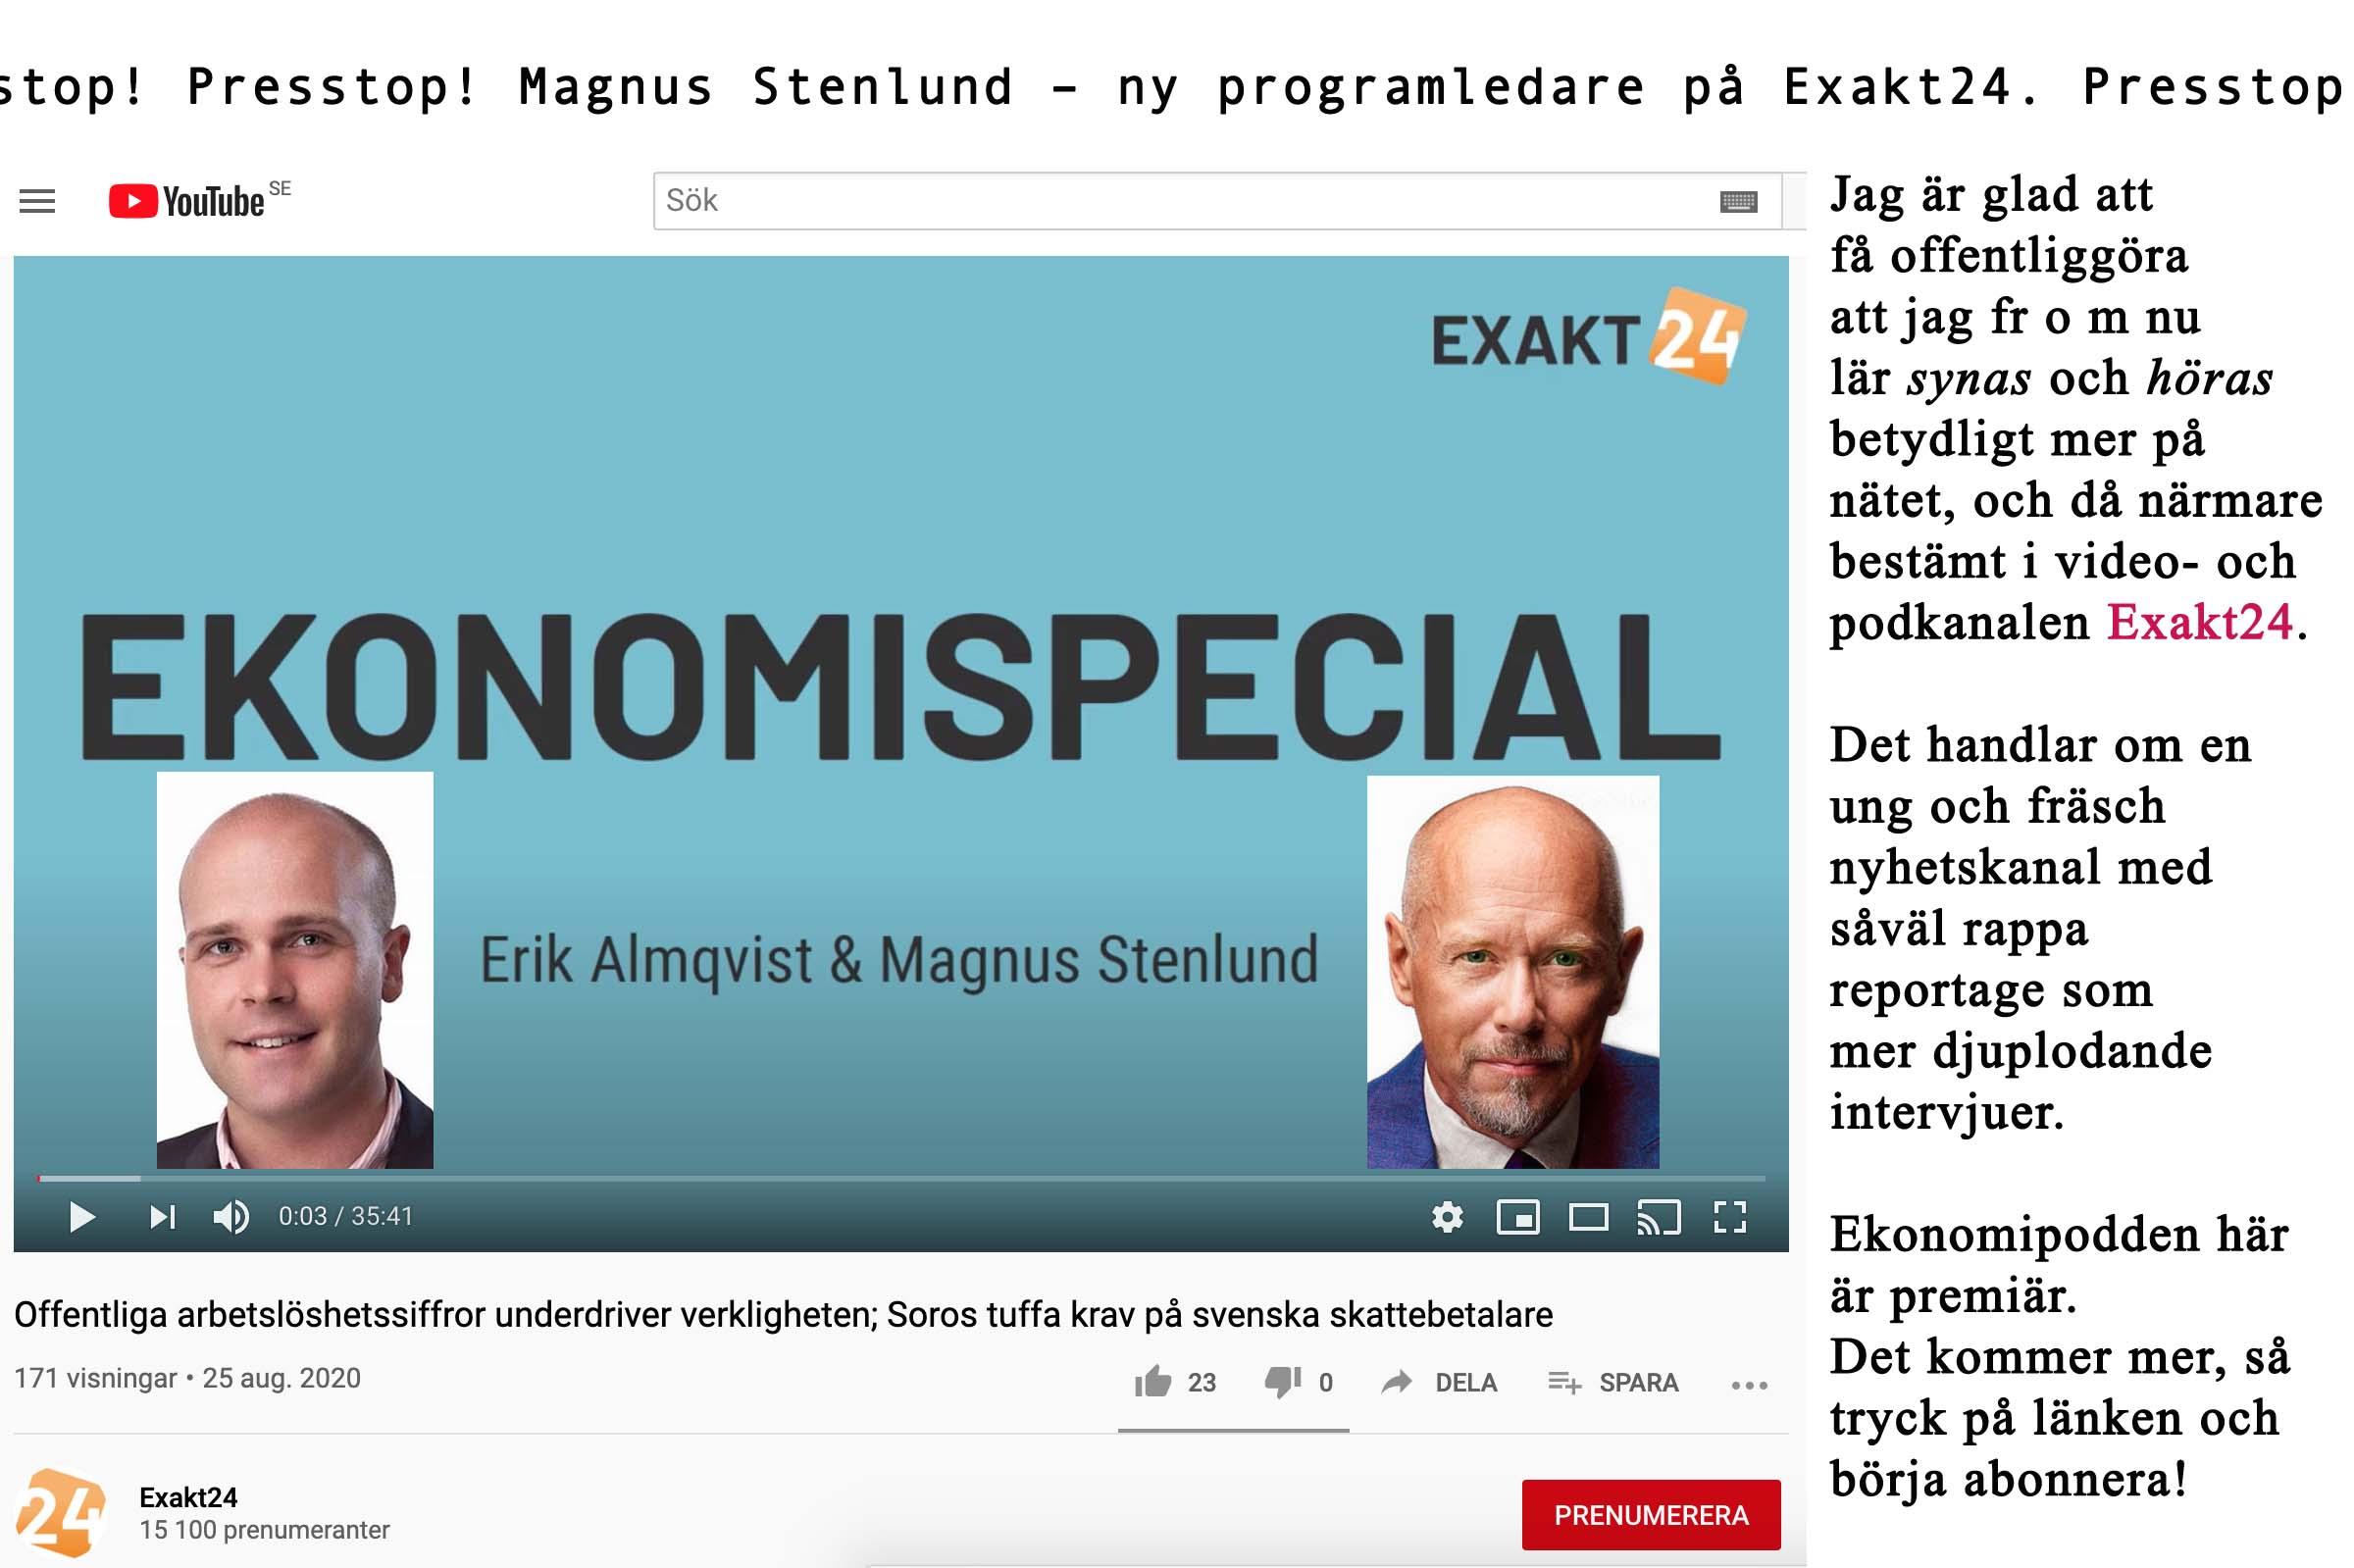 Presstop! Magnus Stenlund ny programledare på Exakt24!